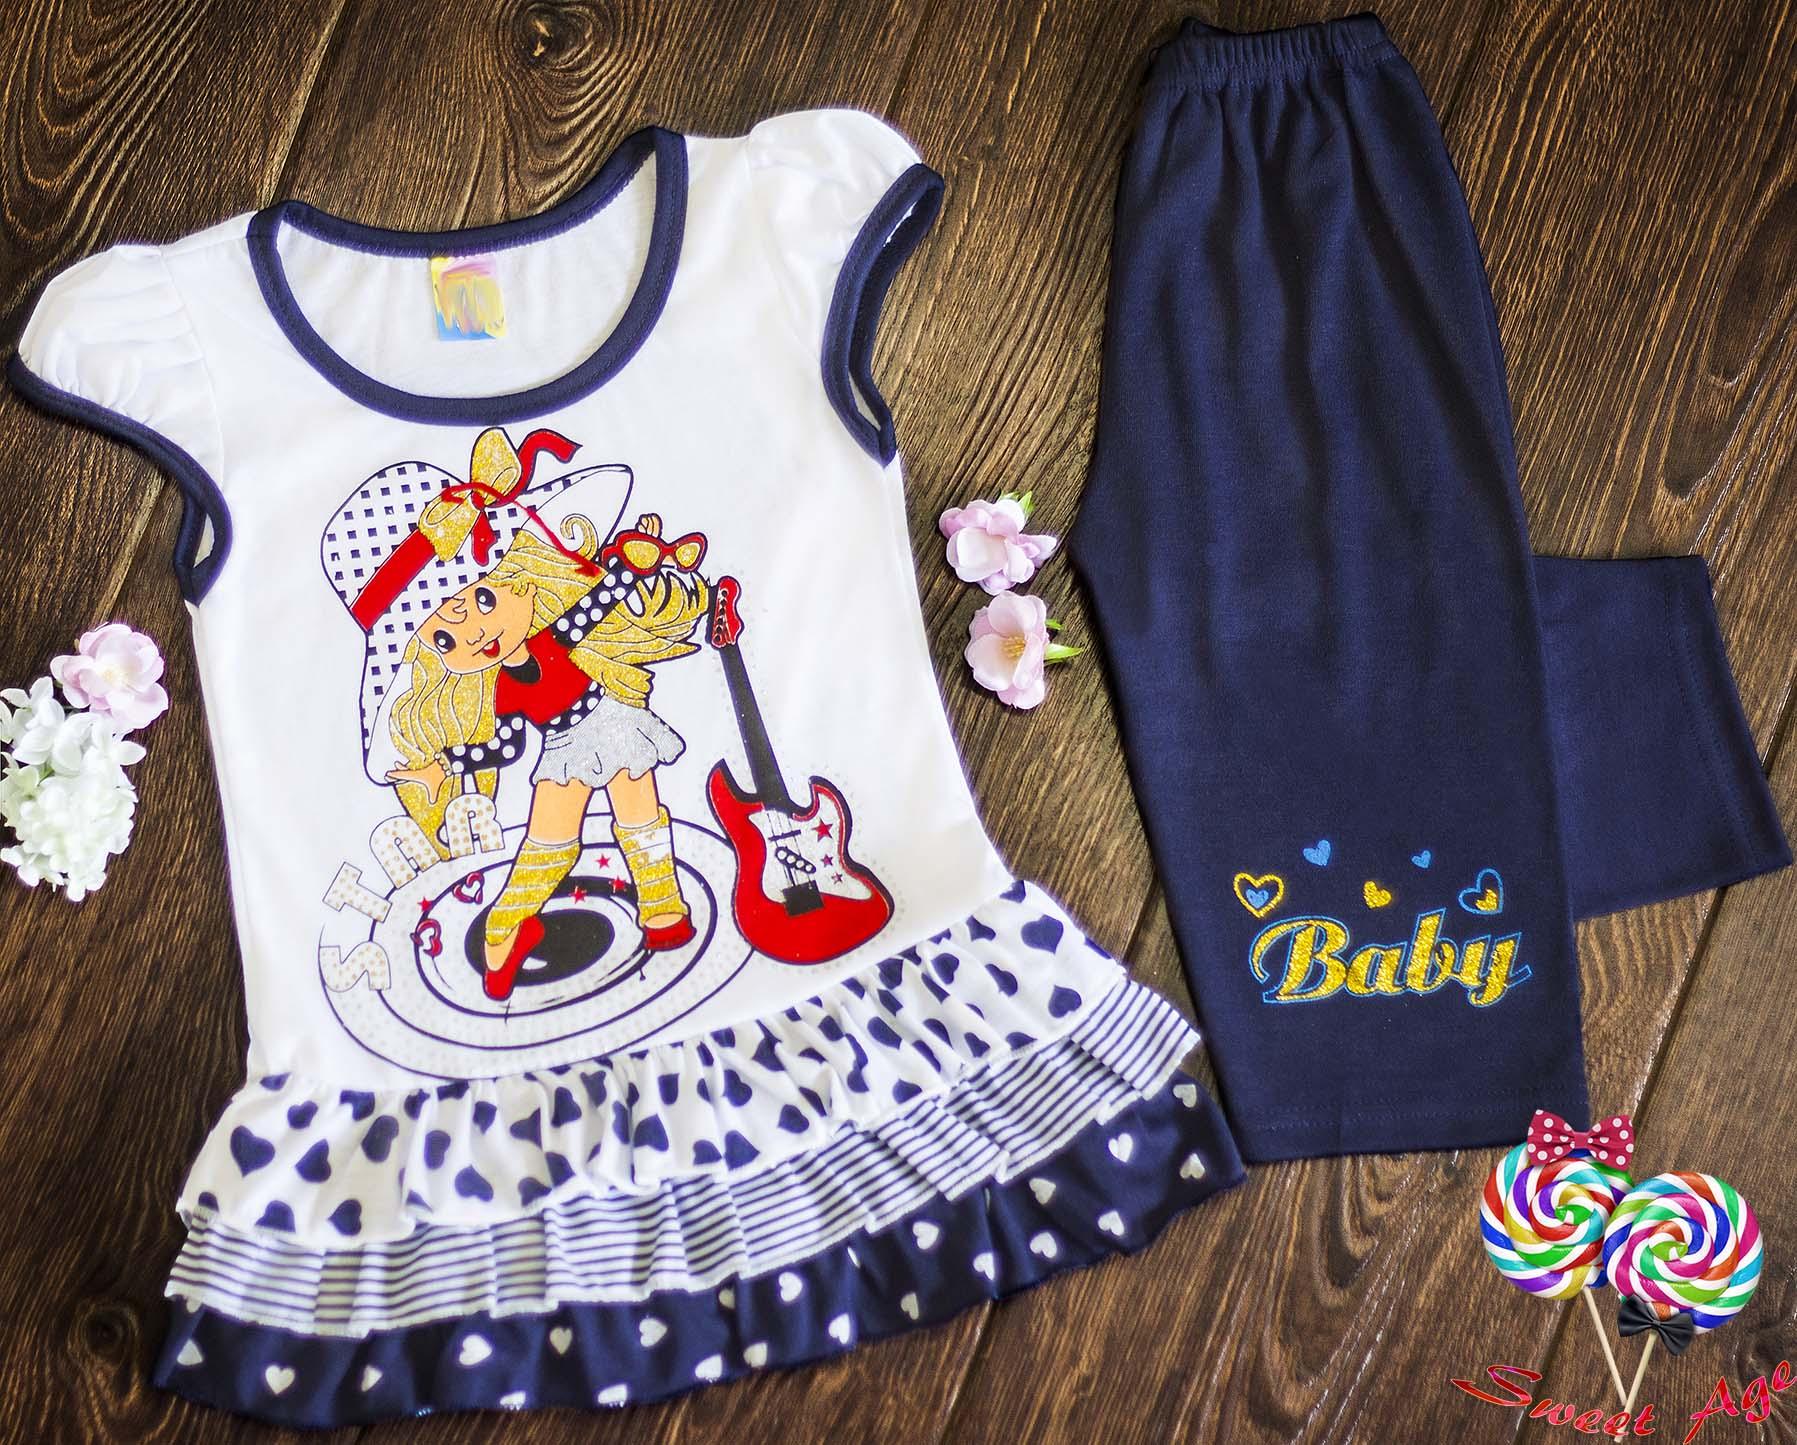 Sweet age - бюджетная, яркая и качественная одежда для детей (от 56 до 128 см).